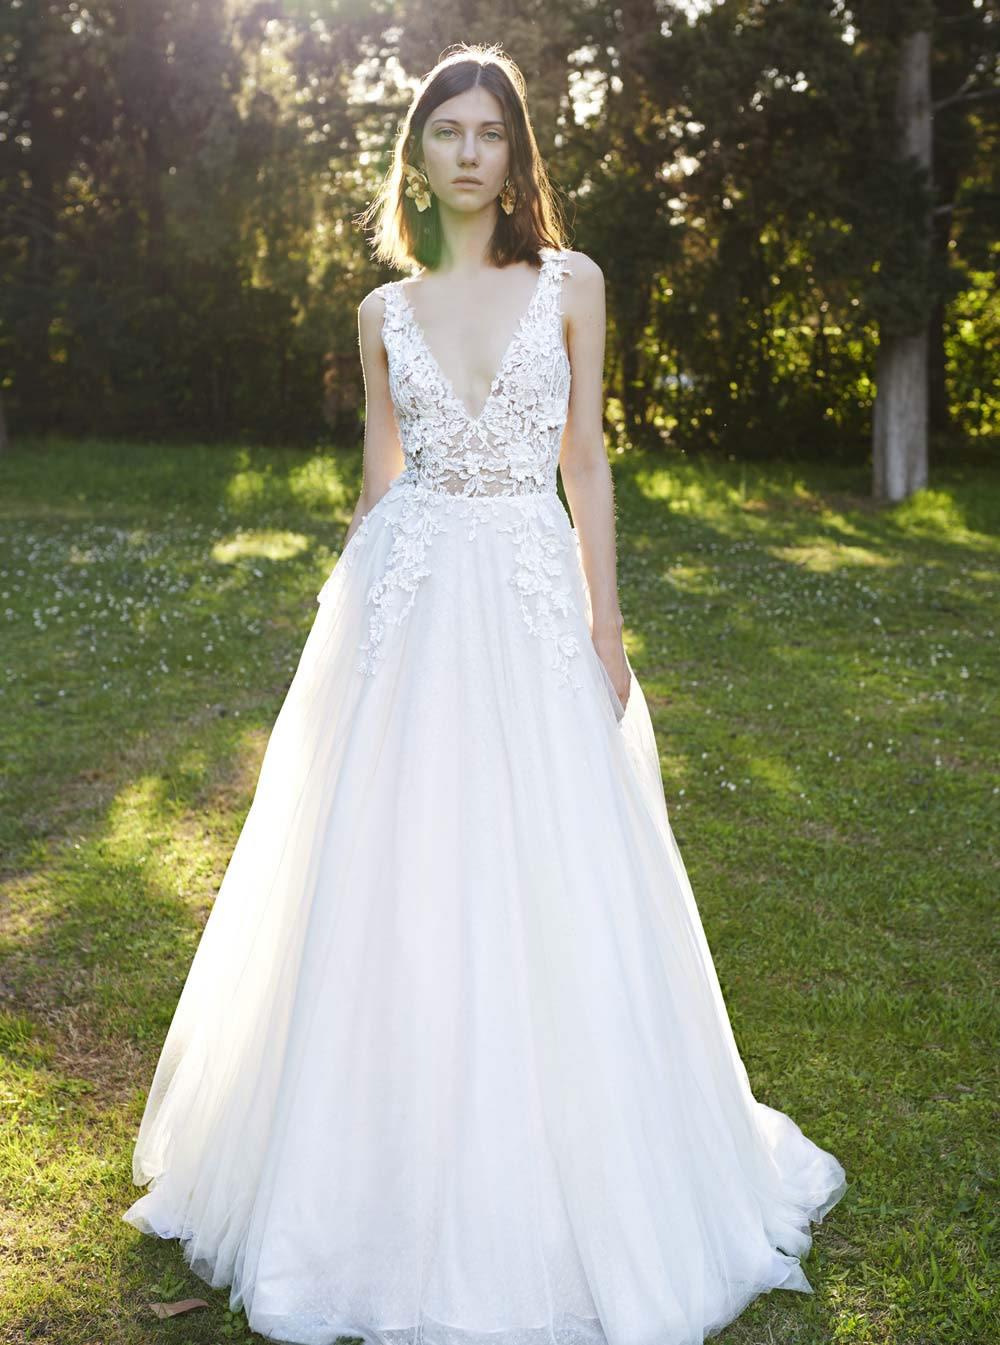 Mondo Bridal - COSTARELLOS BRIDAL SPRING 2019 - Floral Mesh Ballgown